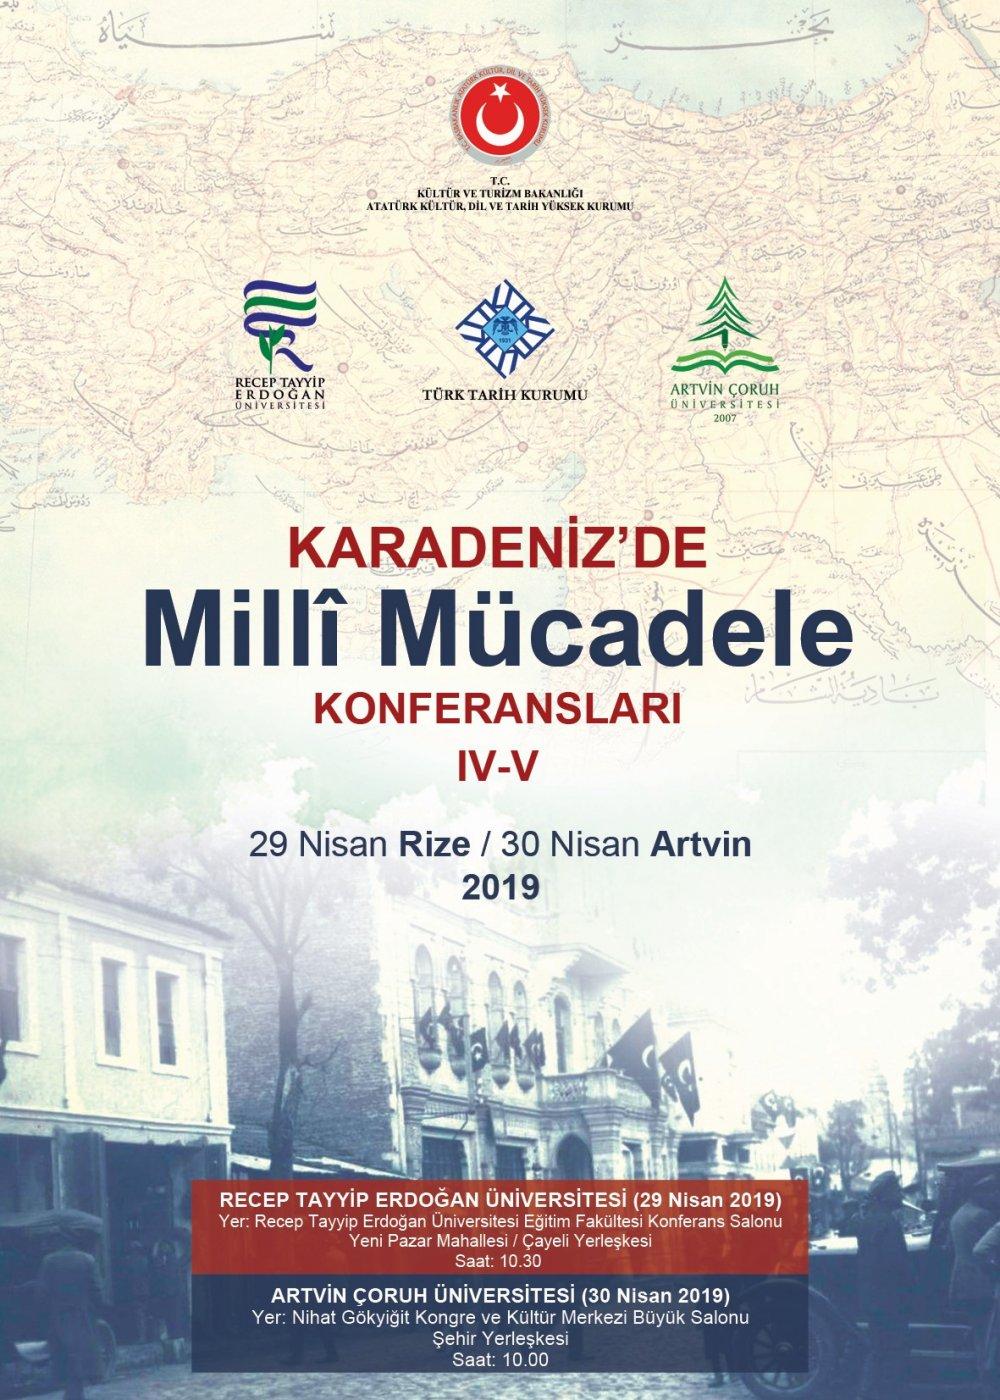 Karadeniz'de Millî Mücadele anlatılacak